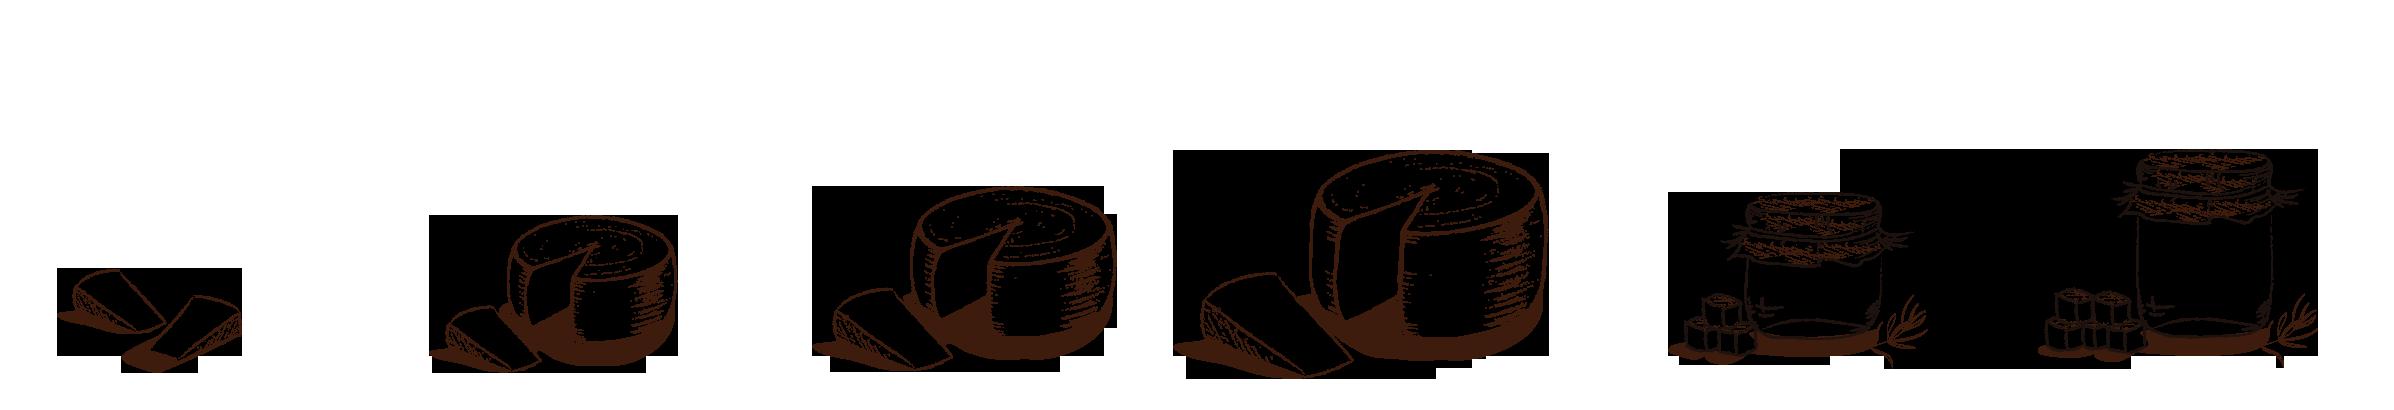 quesos-ilustrados